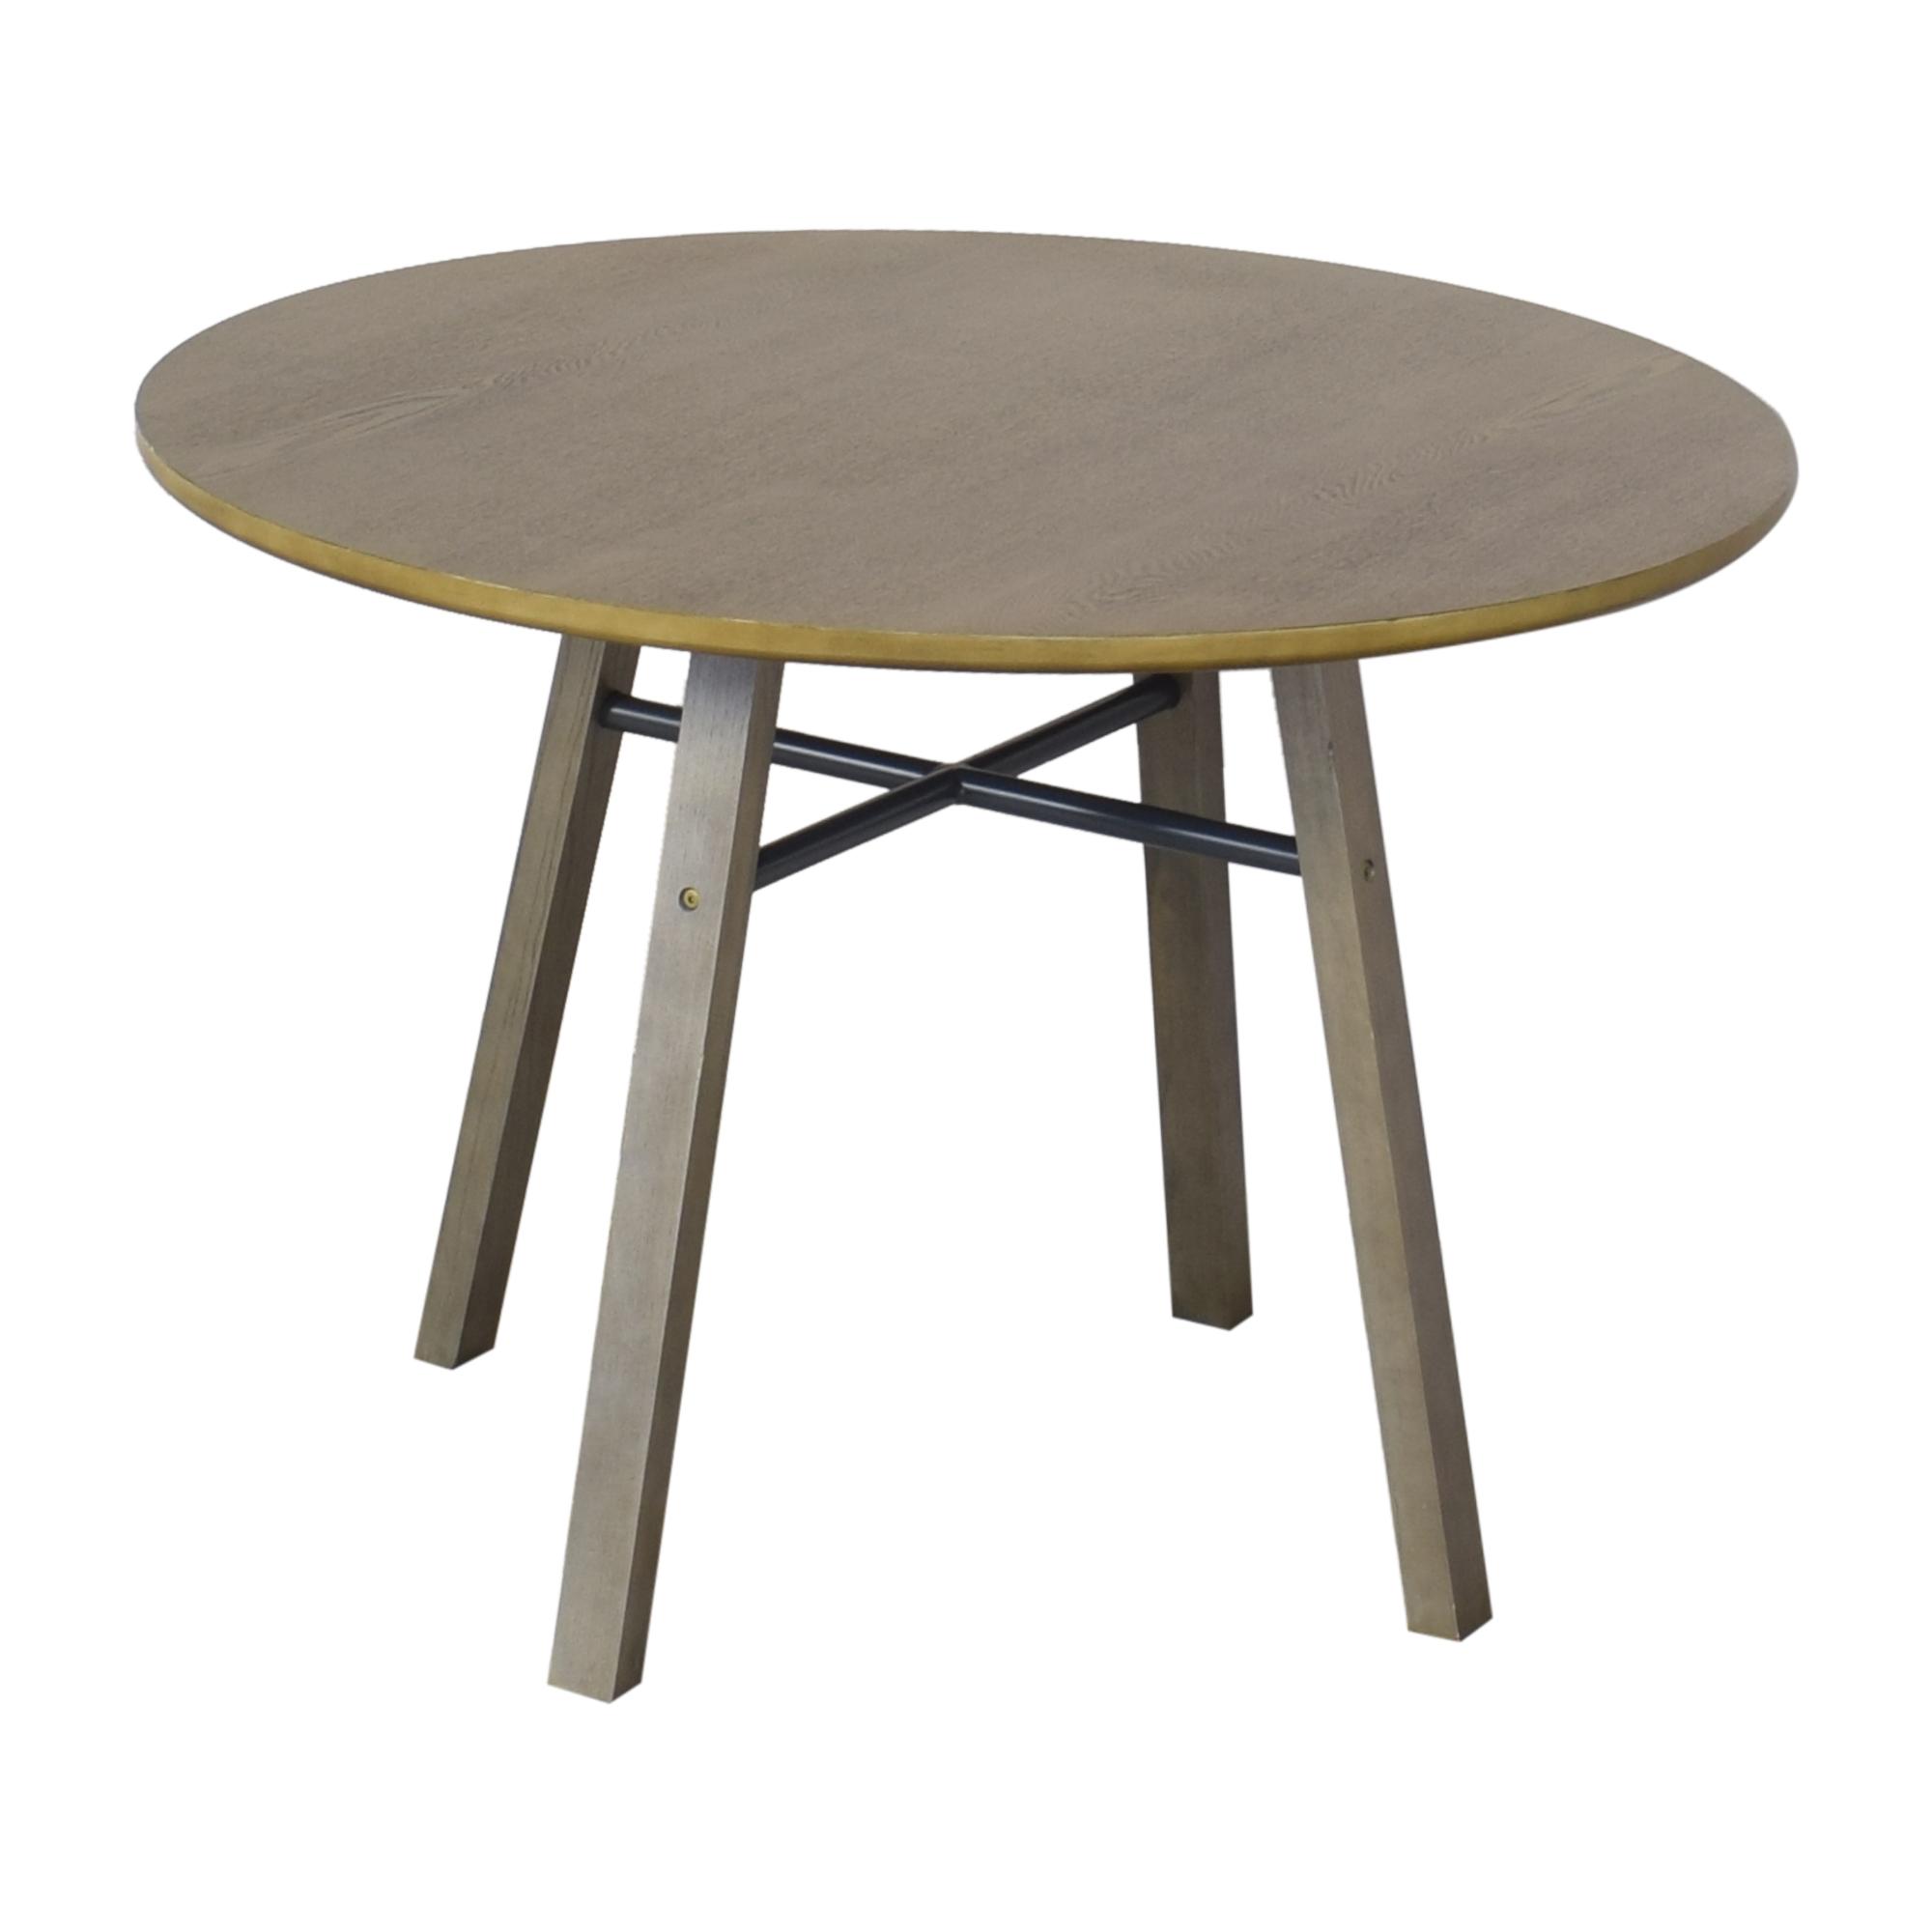 shop Crate & Barrel Dining Table Crate & Barrel Tables